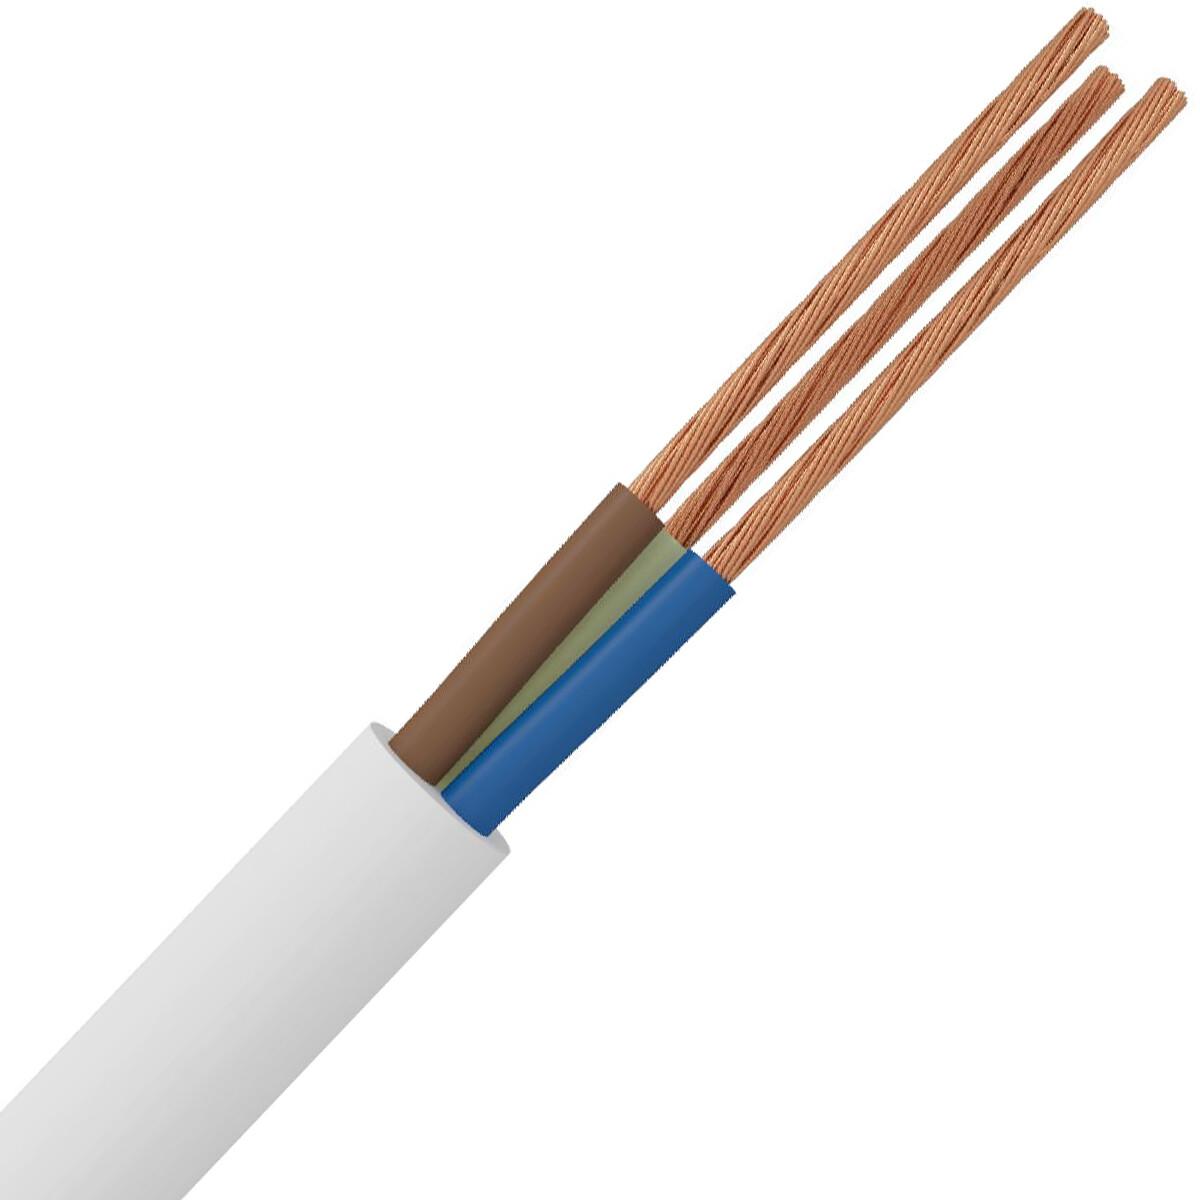 Stroomkabel - 3x1.5mm - 3 Aderig - 100 Meter - Wit